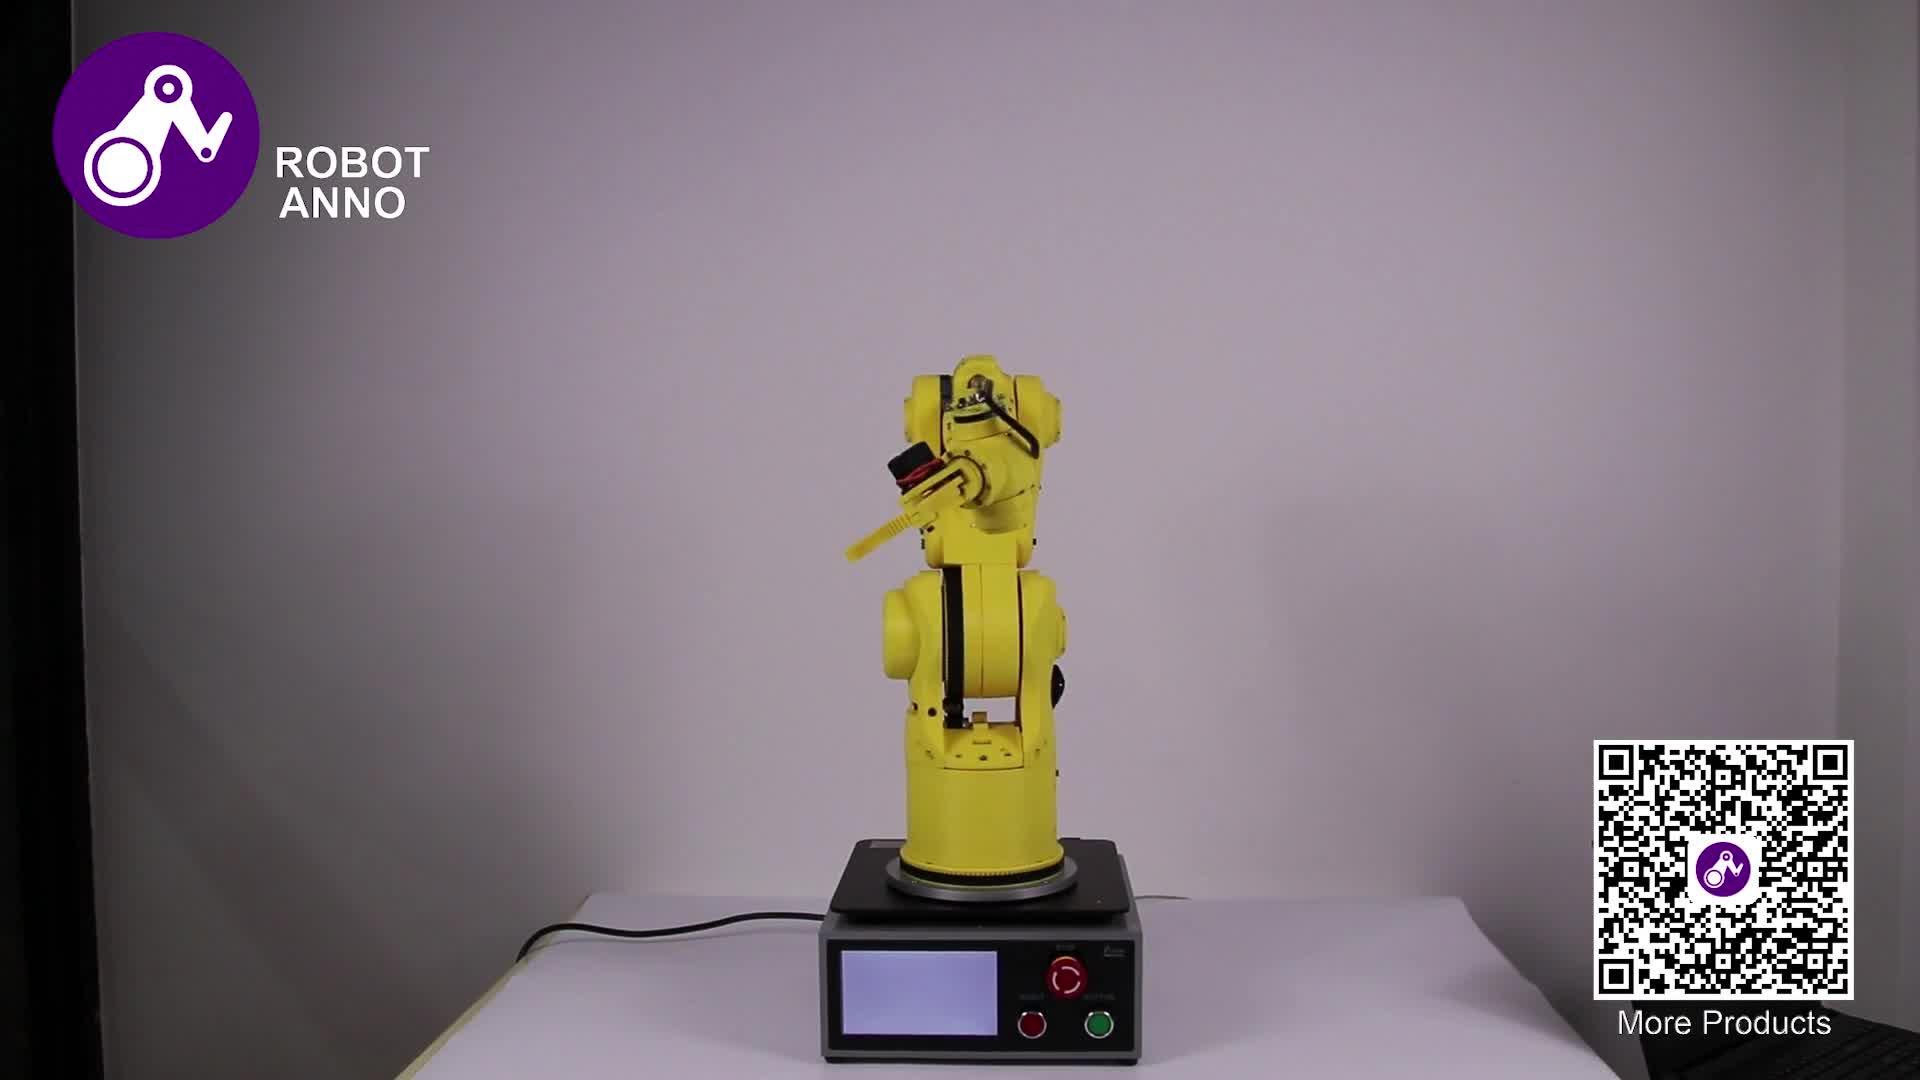 Alta Qualidade máquina de gravura do plasma controlador nk105 cnc vertical do braço do robô com baixo preço de Custo-Benefício